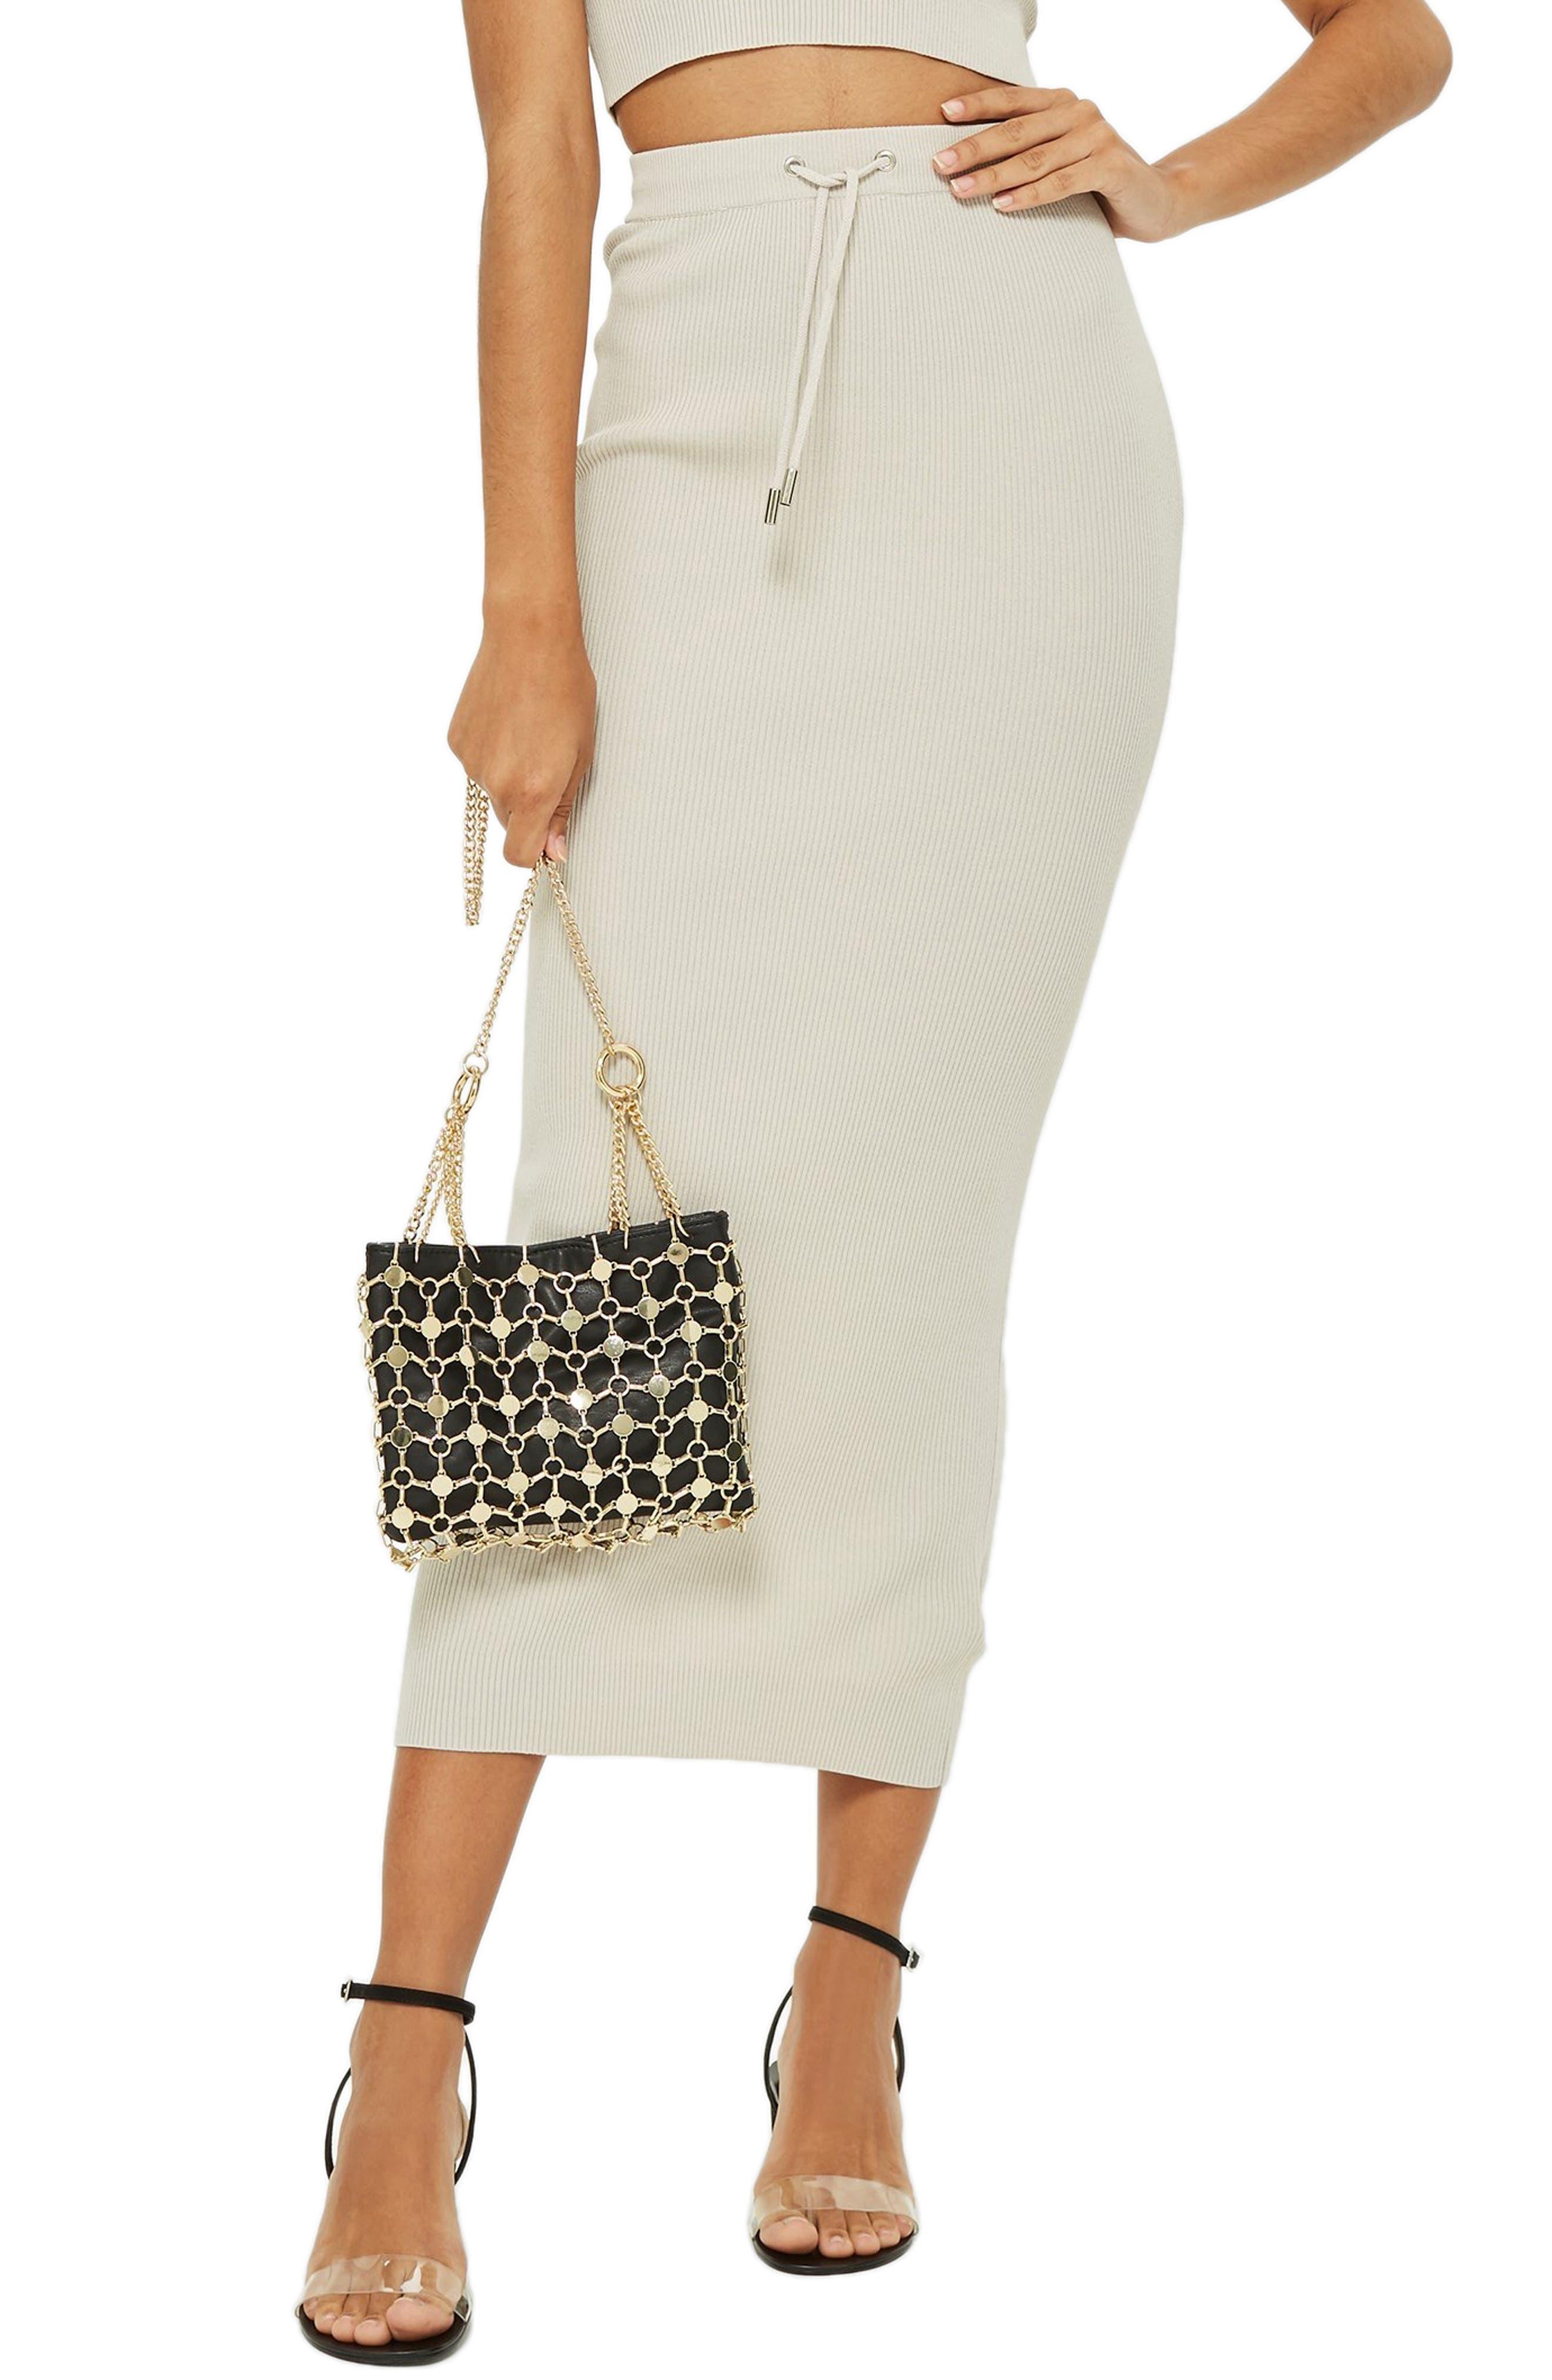 Topshop Ribbed Tube Skirt